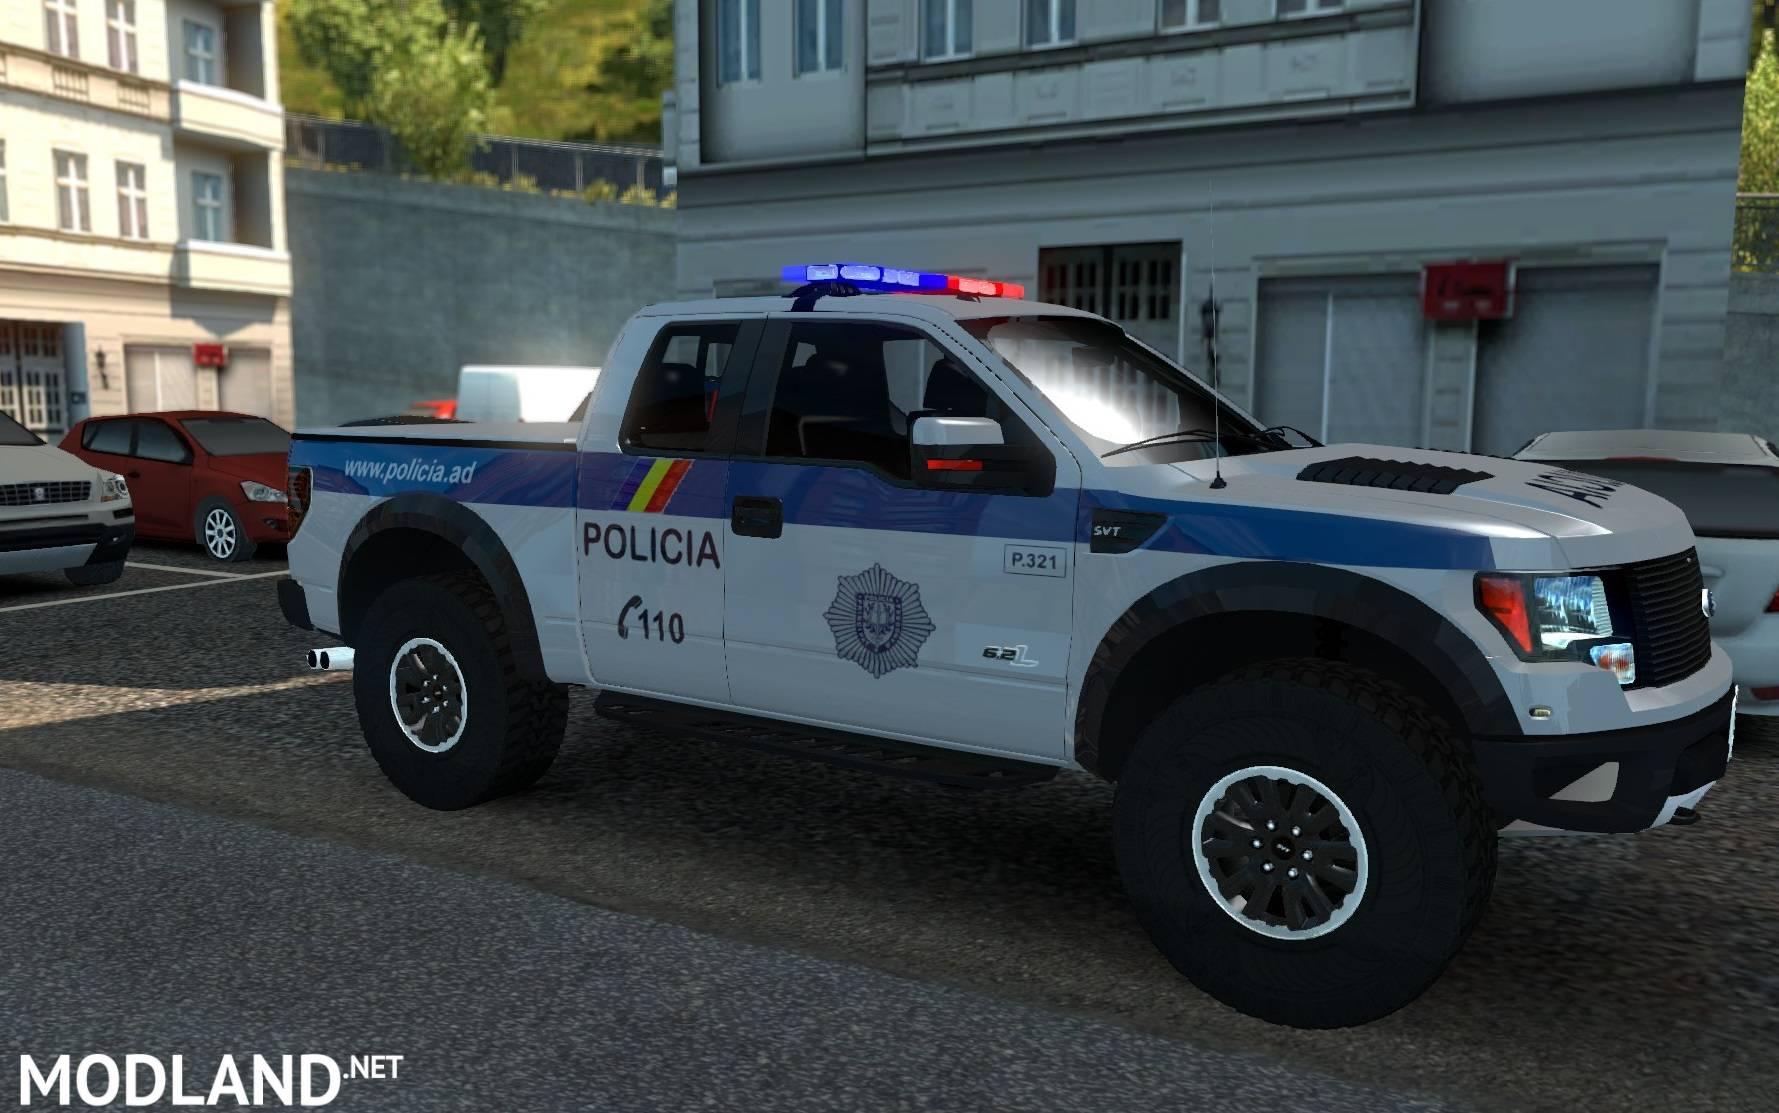 Andorra Police Skin For Ford Raptor Mod For Ets 2